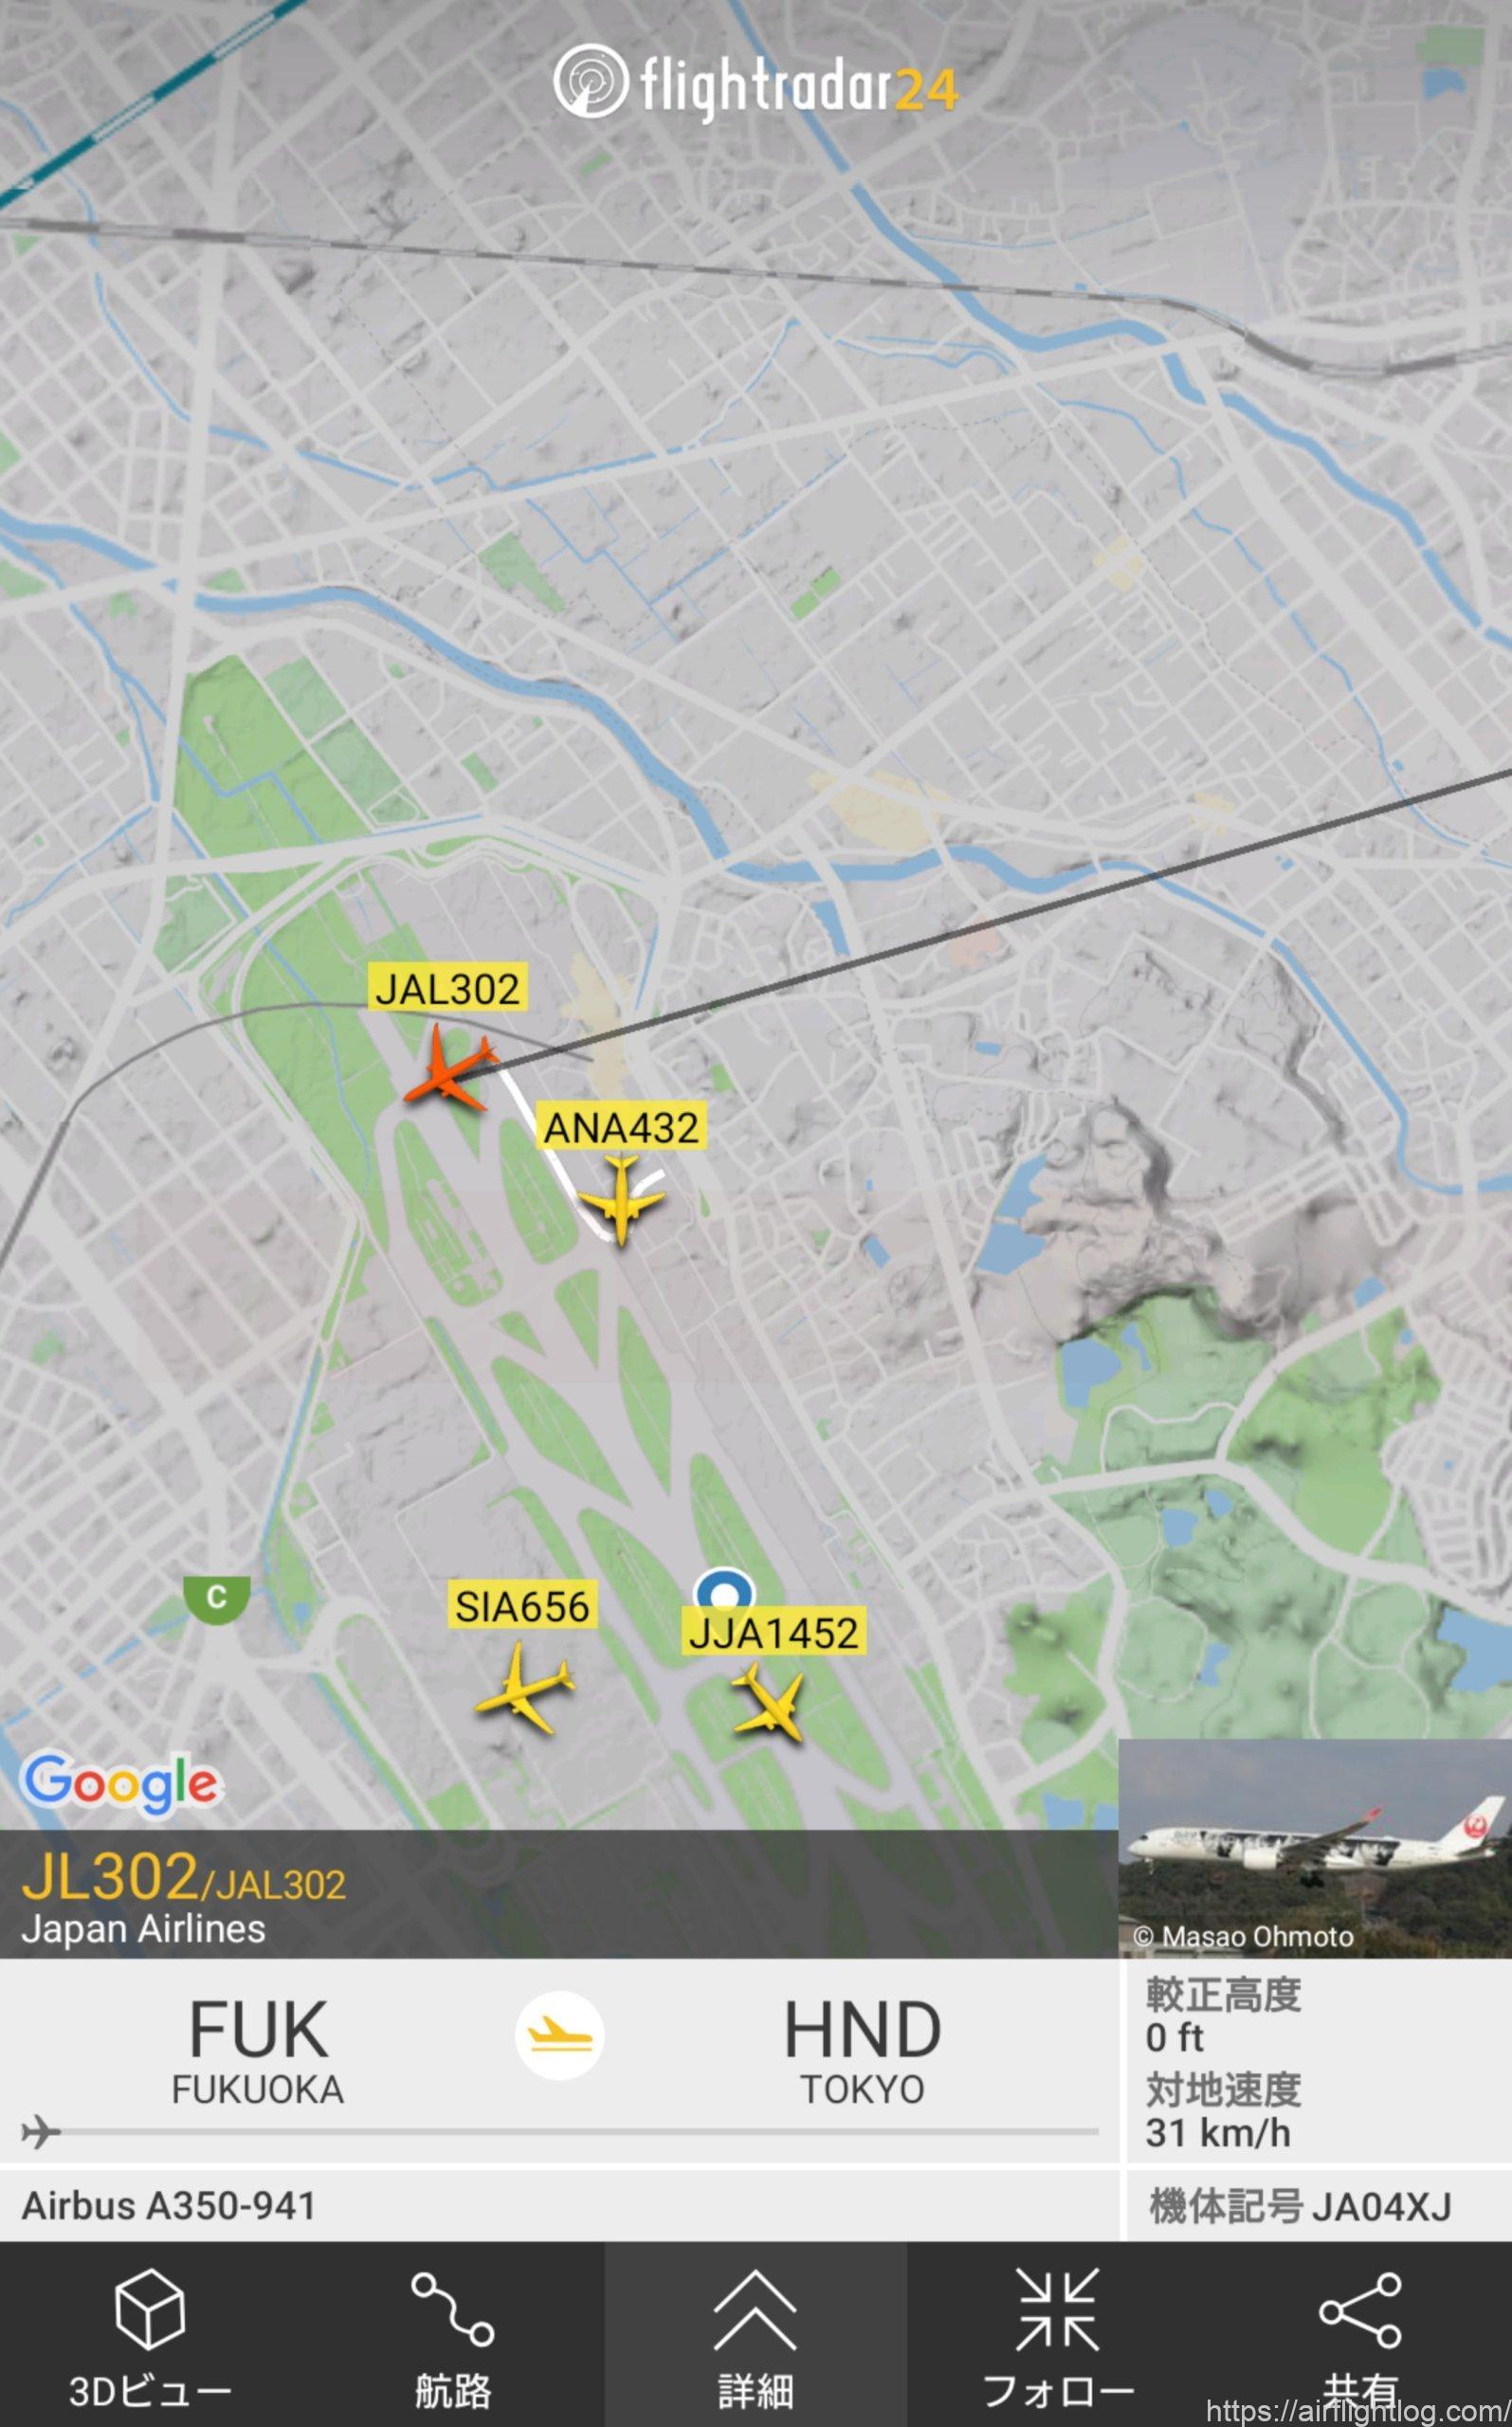 flightradar24.JA04XJ.FUK